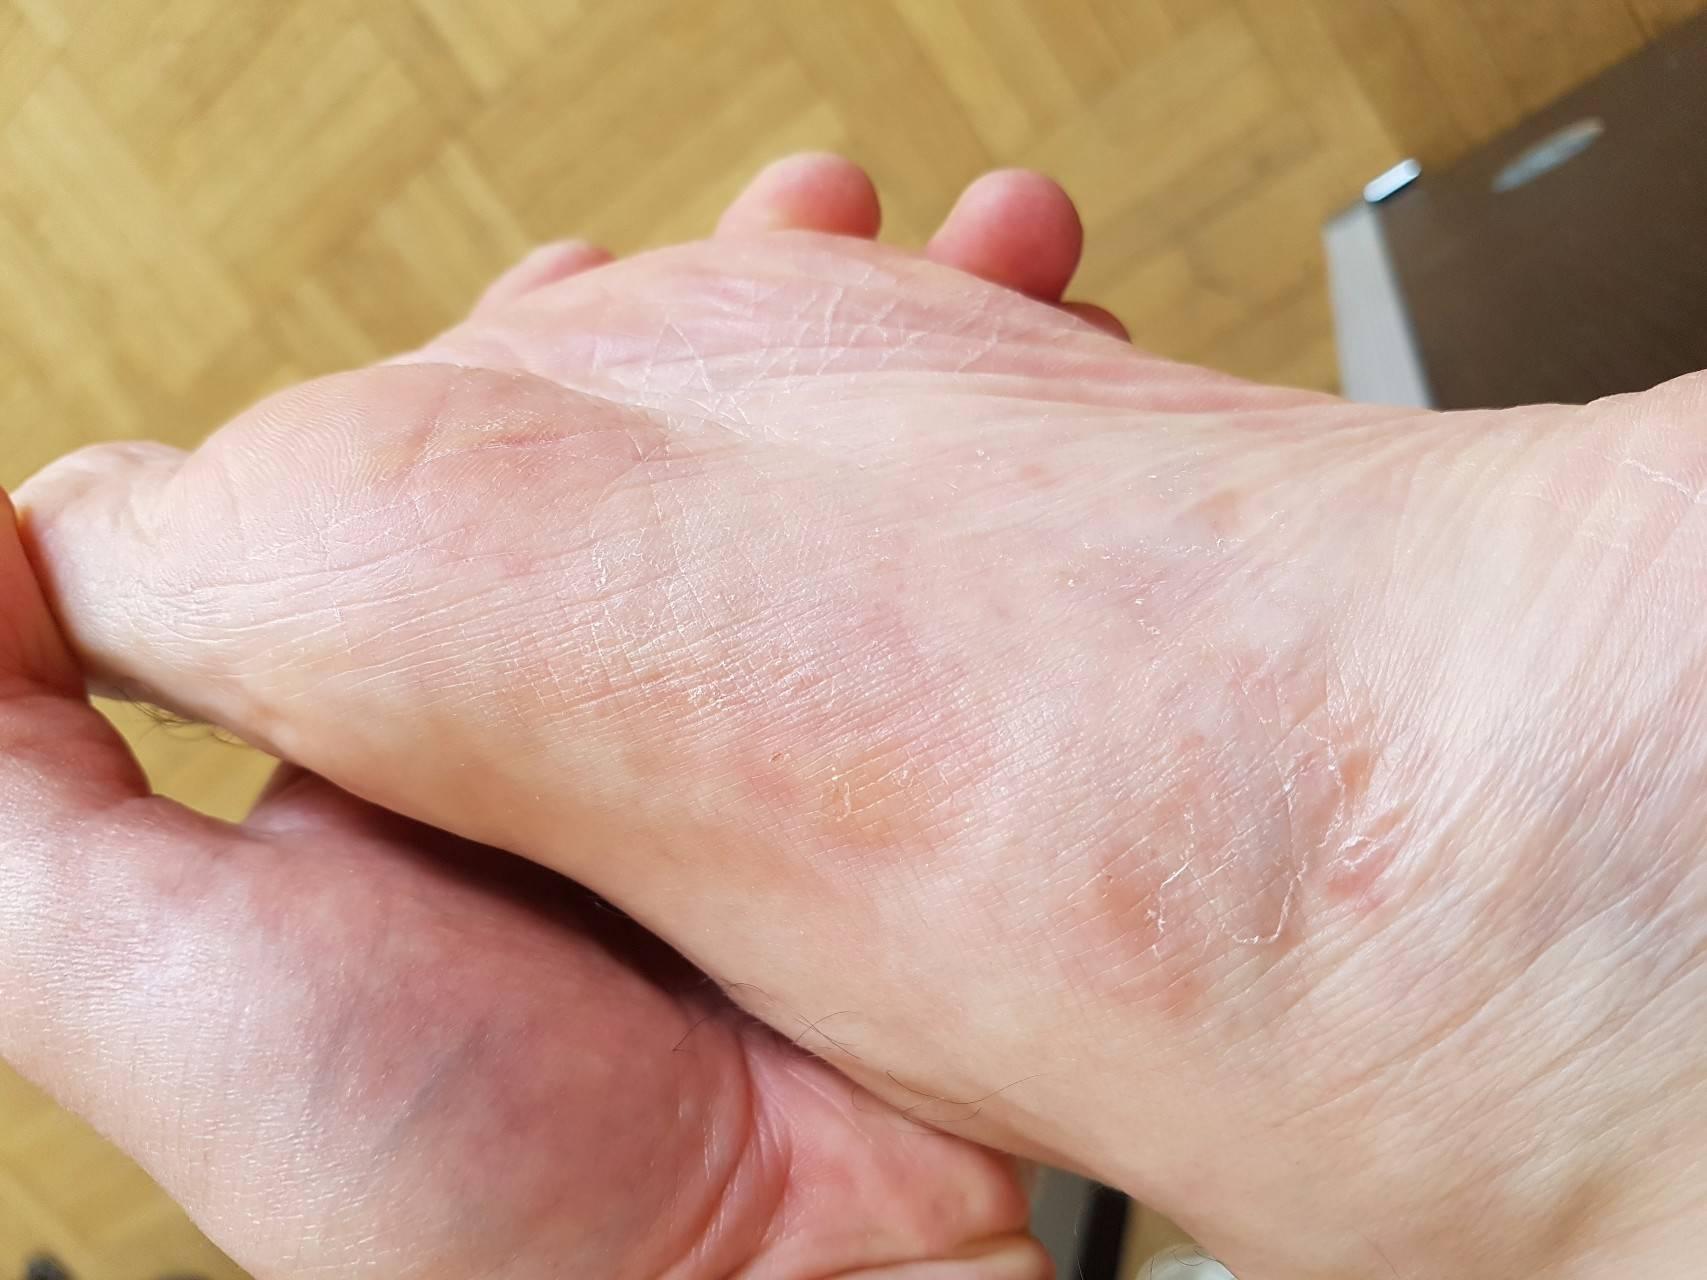 Экзема на ногах - лечение в домашних условиях, причины заболевания, фото